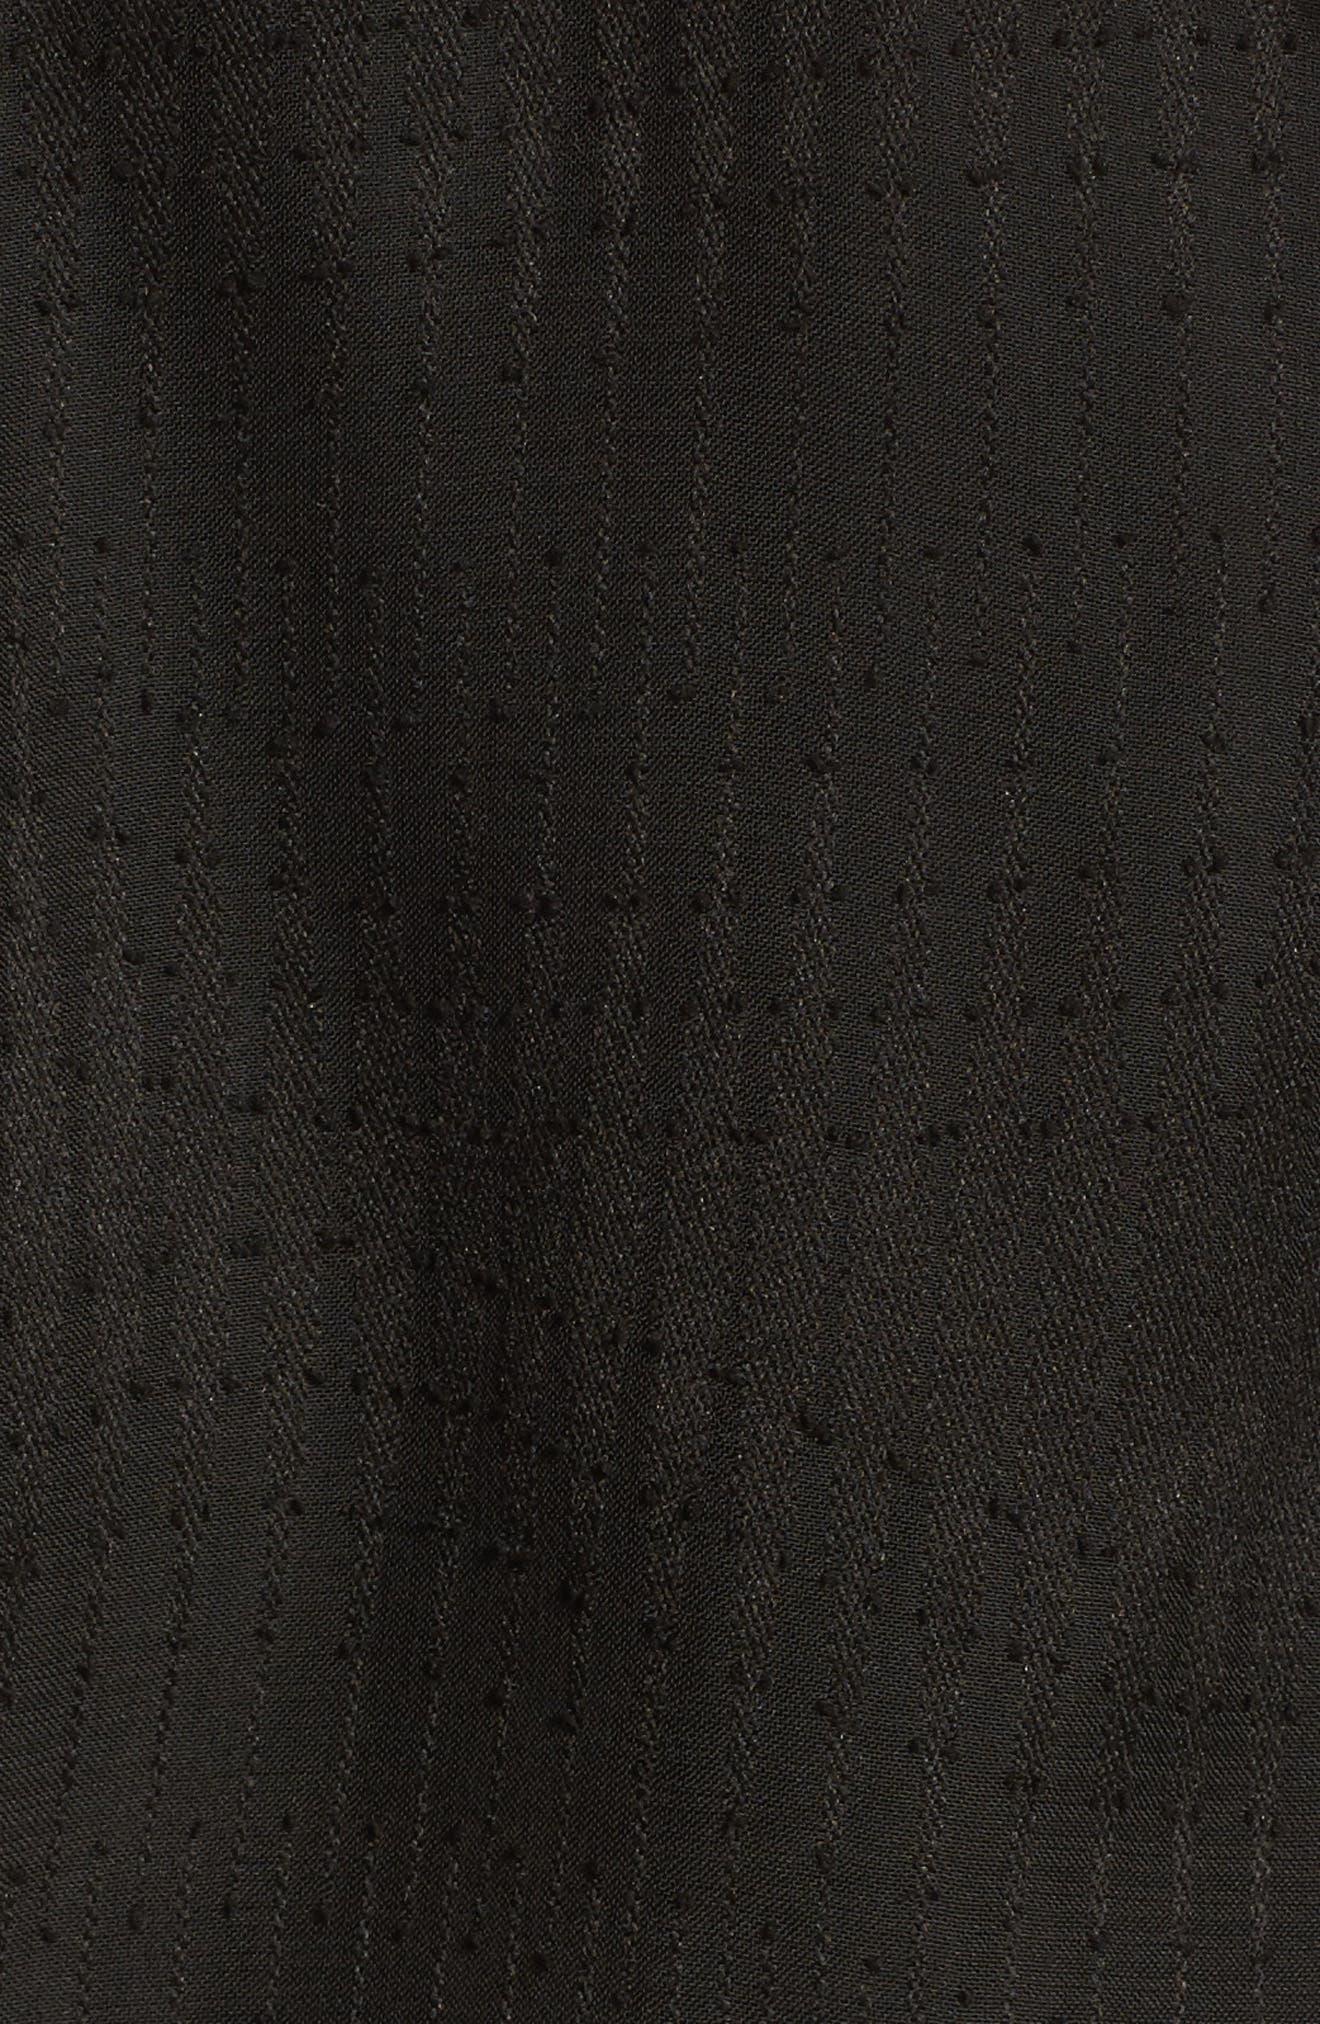 Cold Shoulder Romper,                             Alternate thumbnail 5, color,                             Black